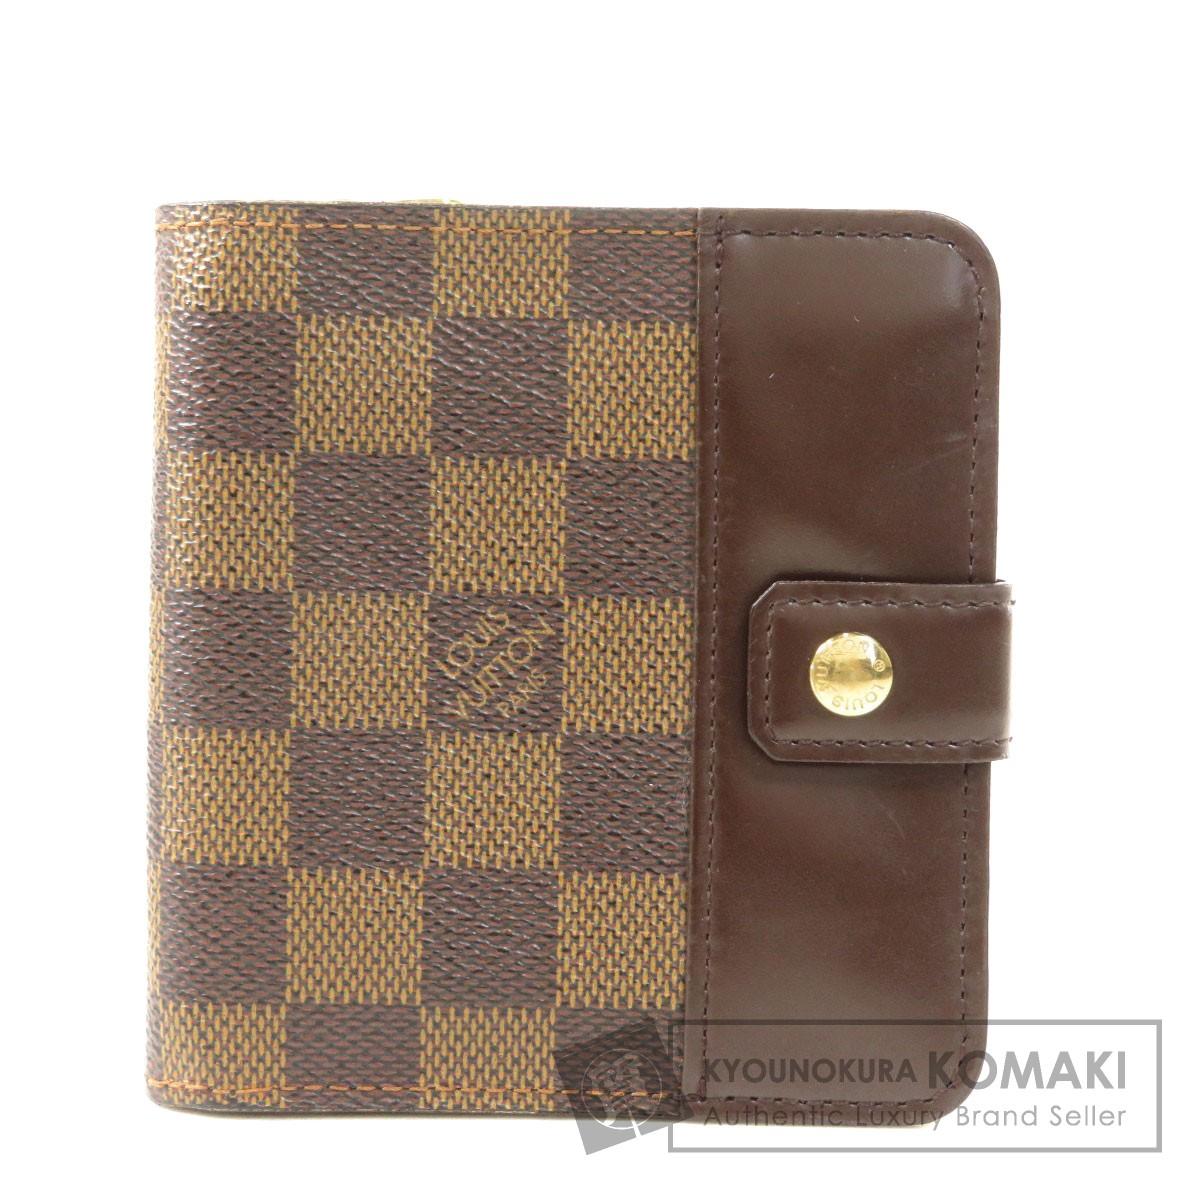 ルイヴィトン N61668 コンパクト・ジップ 二つ折り財布(小銭入れあり) ダミエキャンバス レディース 【中古】【LOUIS VUITTON】